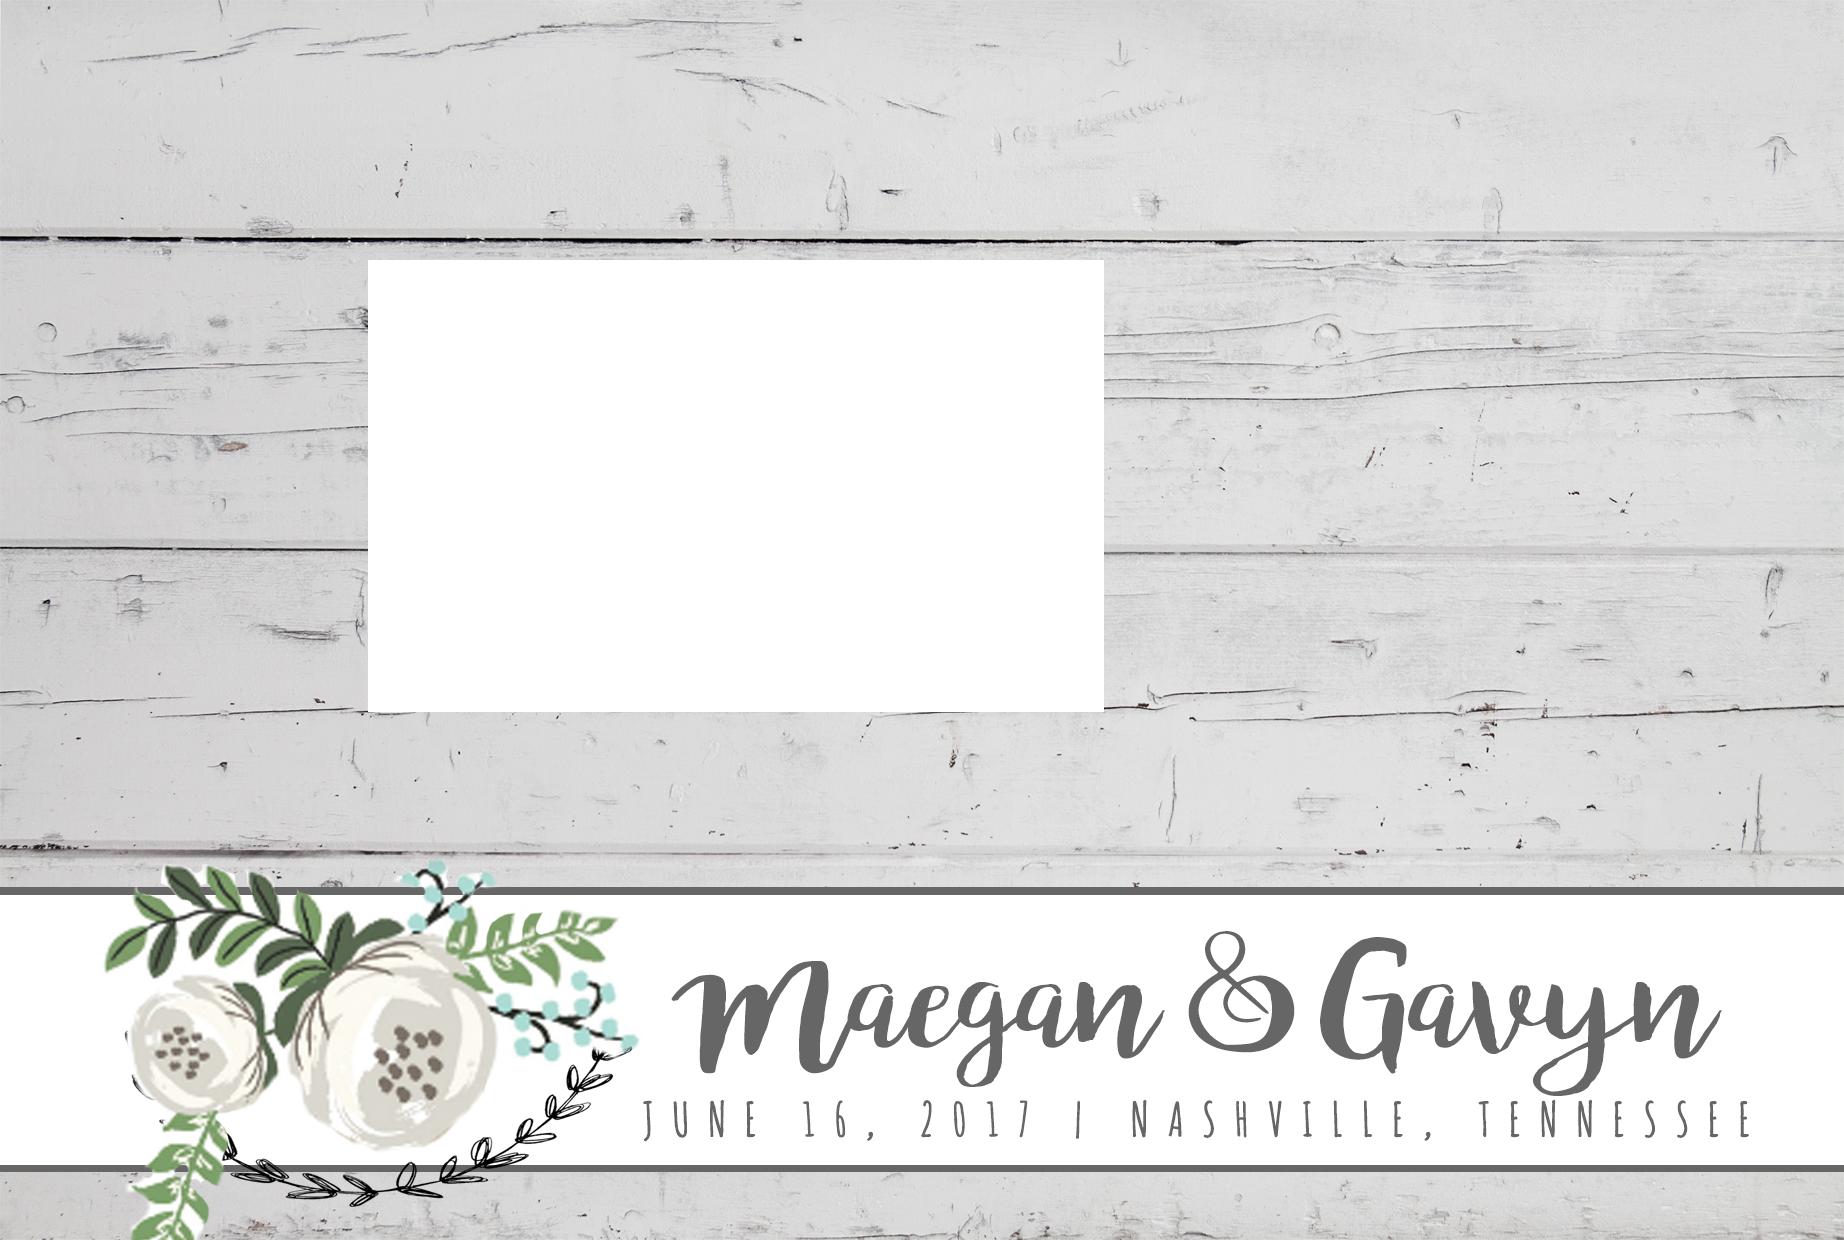 6-16-17 Maegan Gundy Template.png